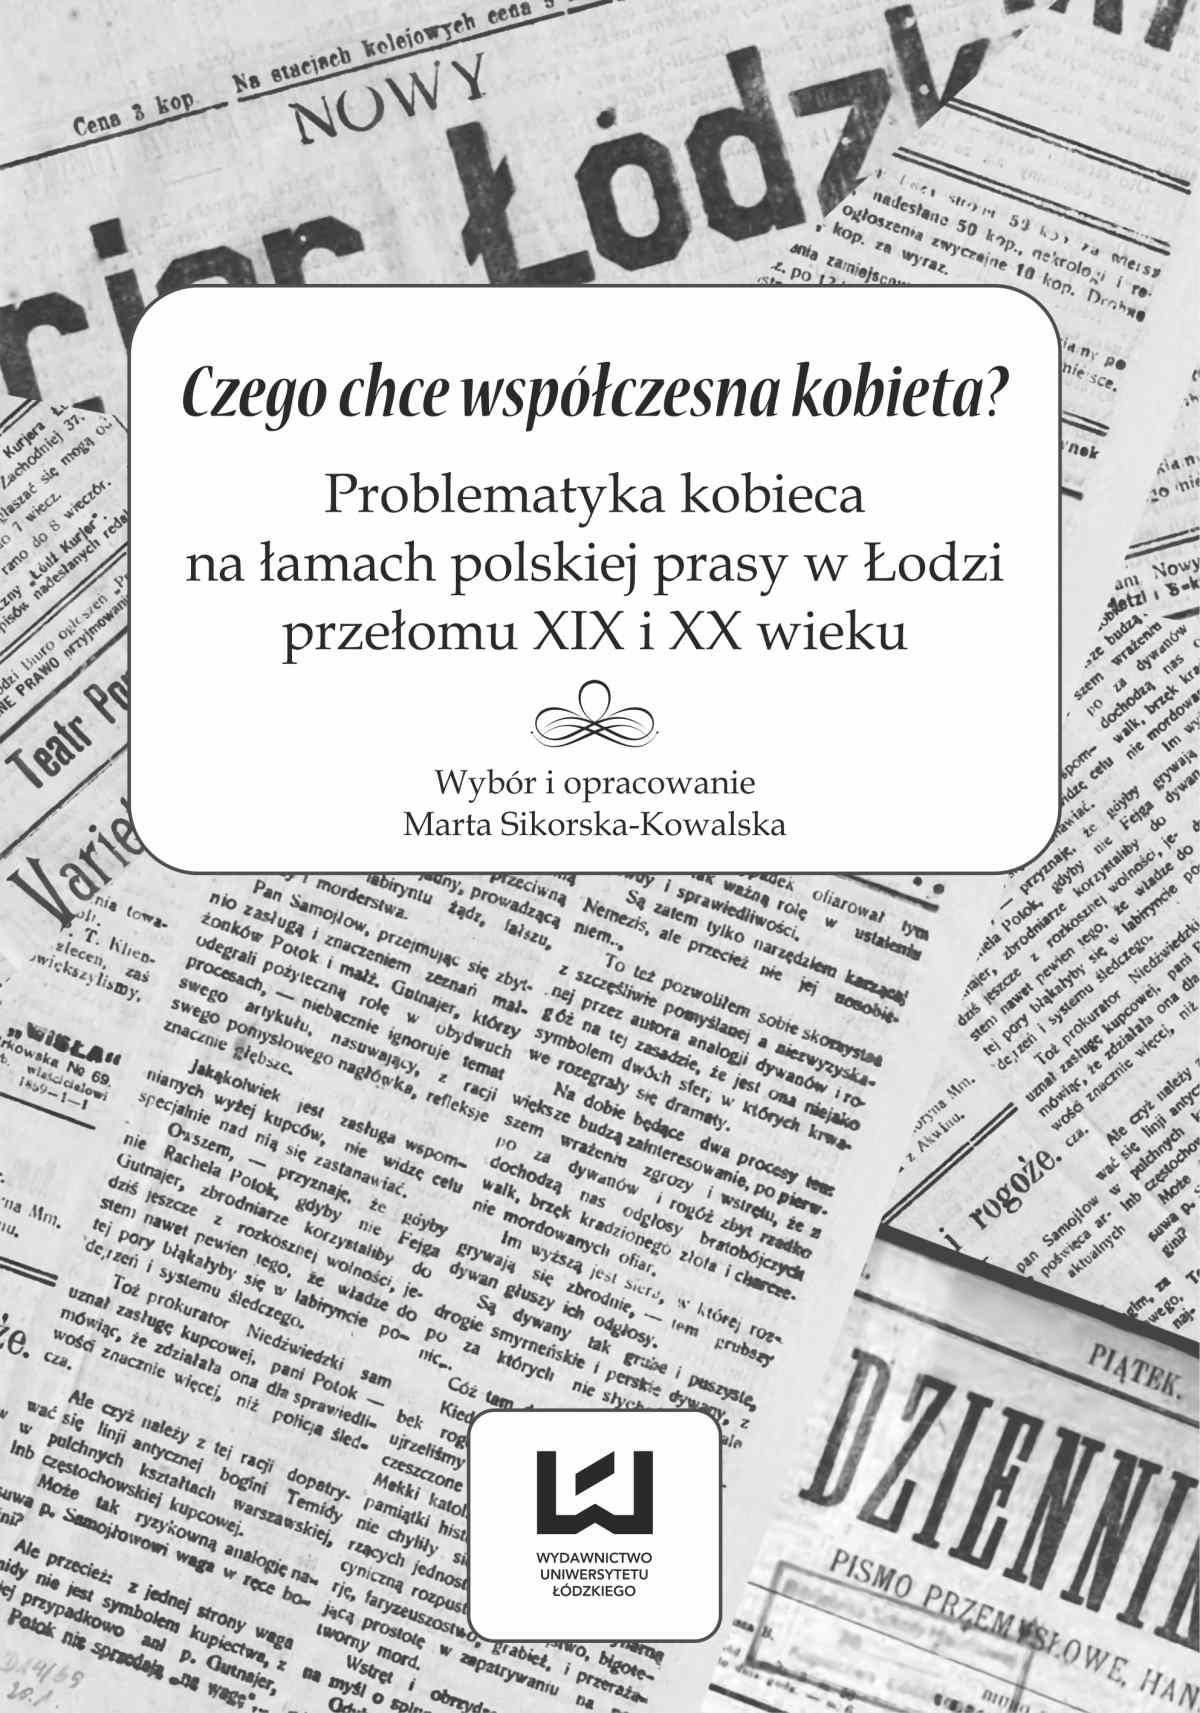 Czego chce współczesna kobieta? Problematyka kobieca na łamach polskiej prasy w Łodzi przełomu XIX i XX wieku - Ebook (Książka na Kindle) do pobrania w formacie MOBI